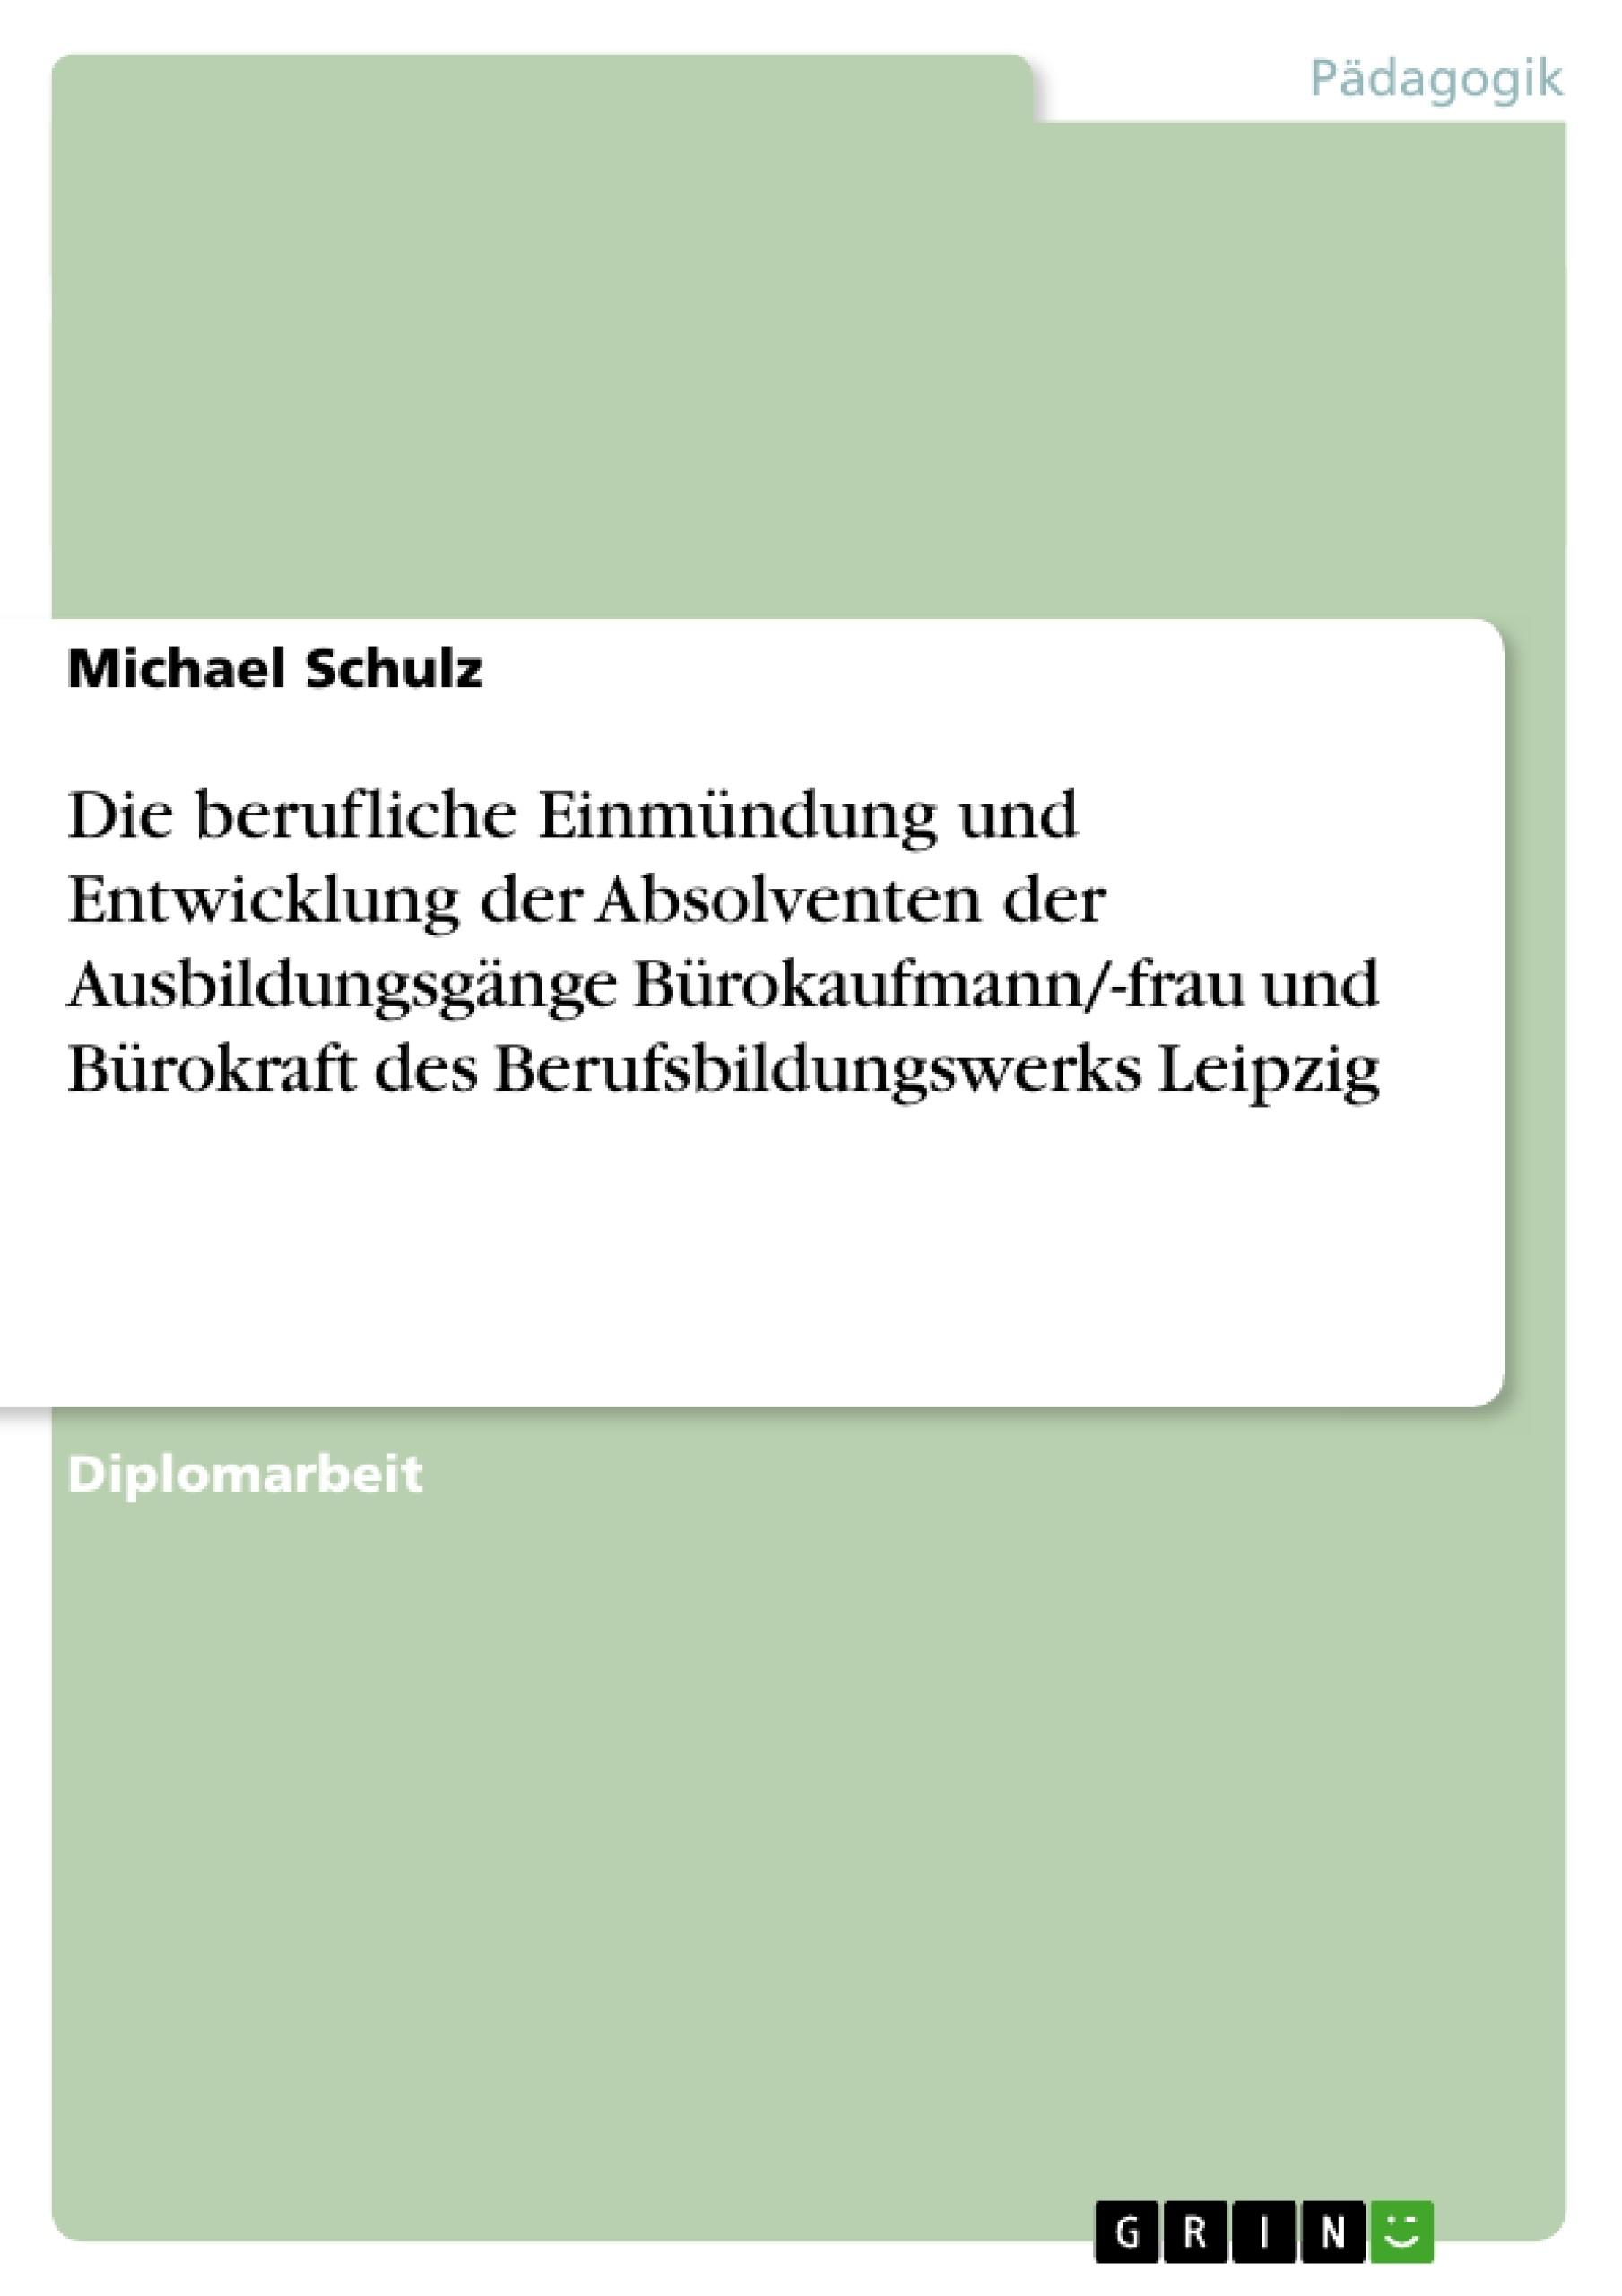 Titel: Die berufliche Einmündung und Entwicklung der Absolventen  der Ausbildungsgänge Bürokaufmann/-frau und Bürokraft  des Berufsbildungswerks Leipzig